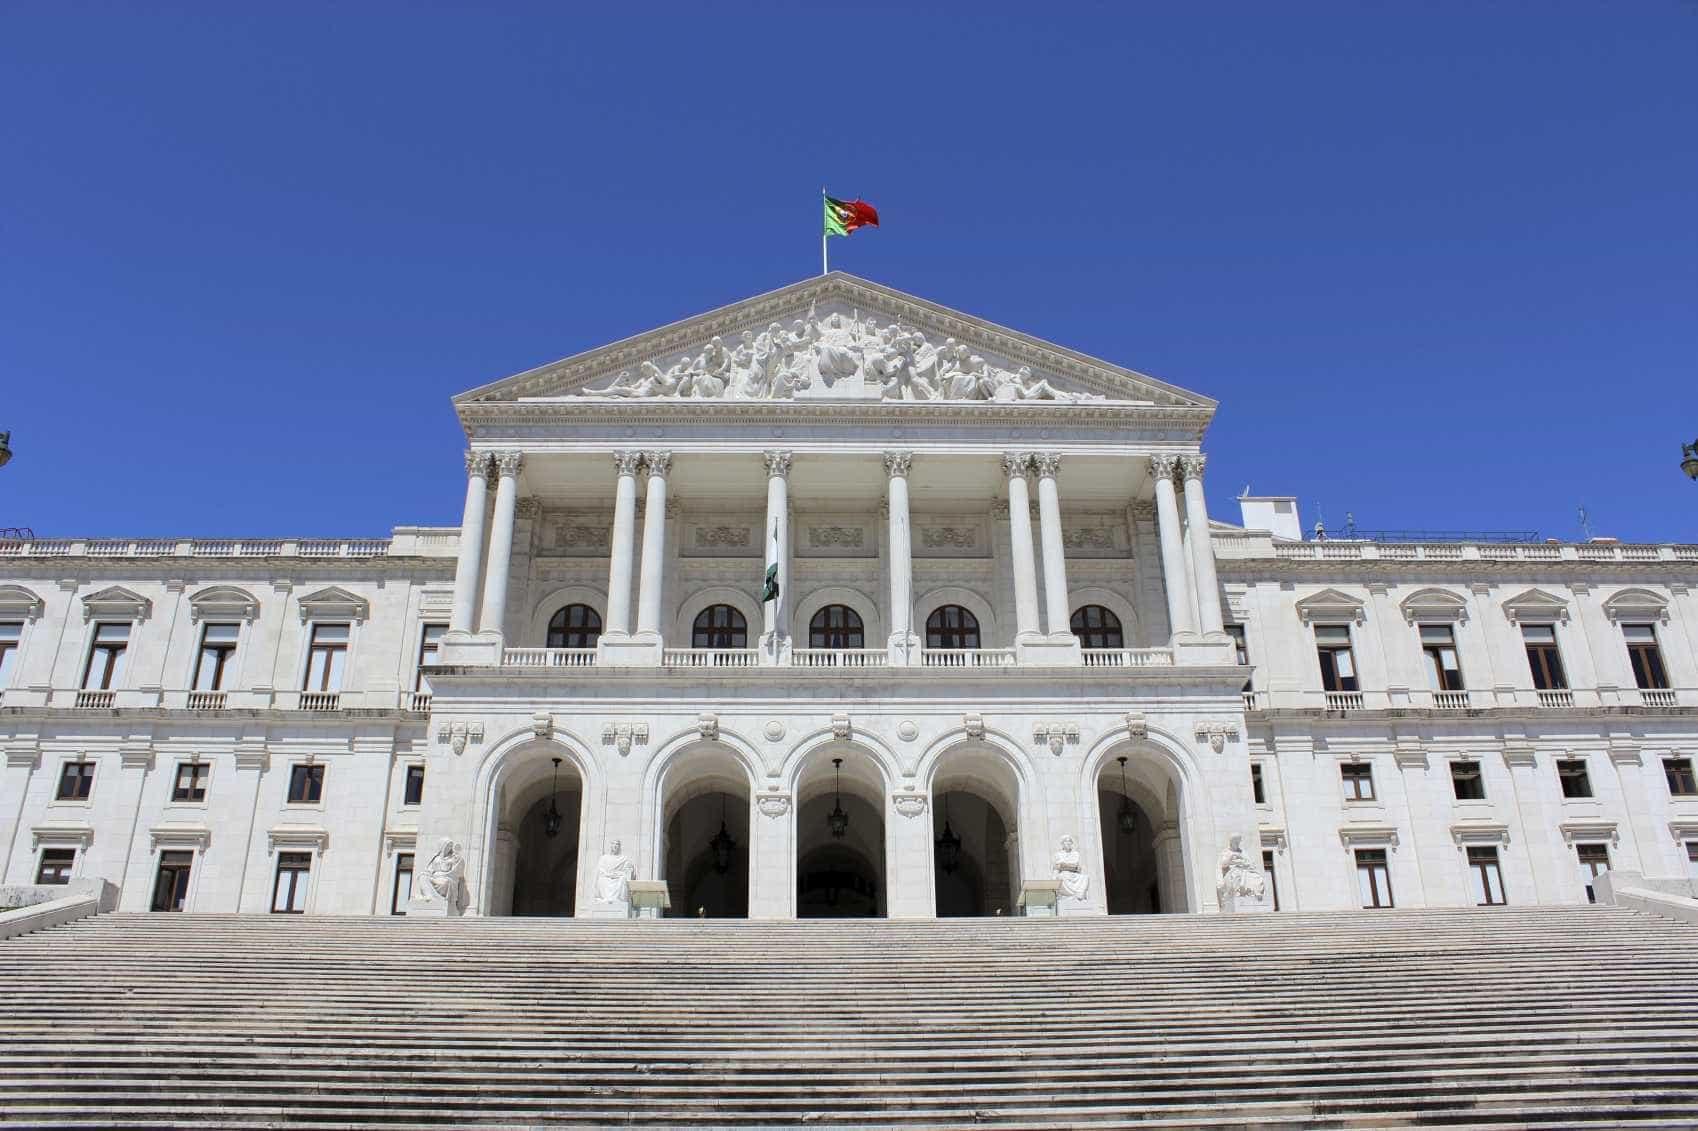 Parlamento debate estado da nação a 10 de julho. Último plenário é dia 24